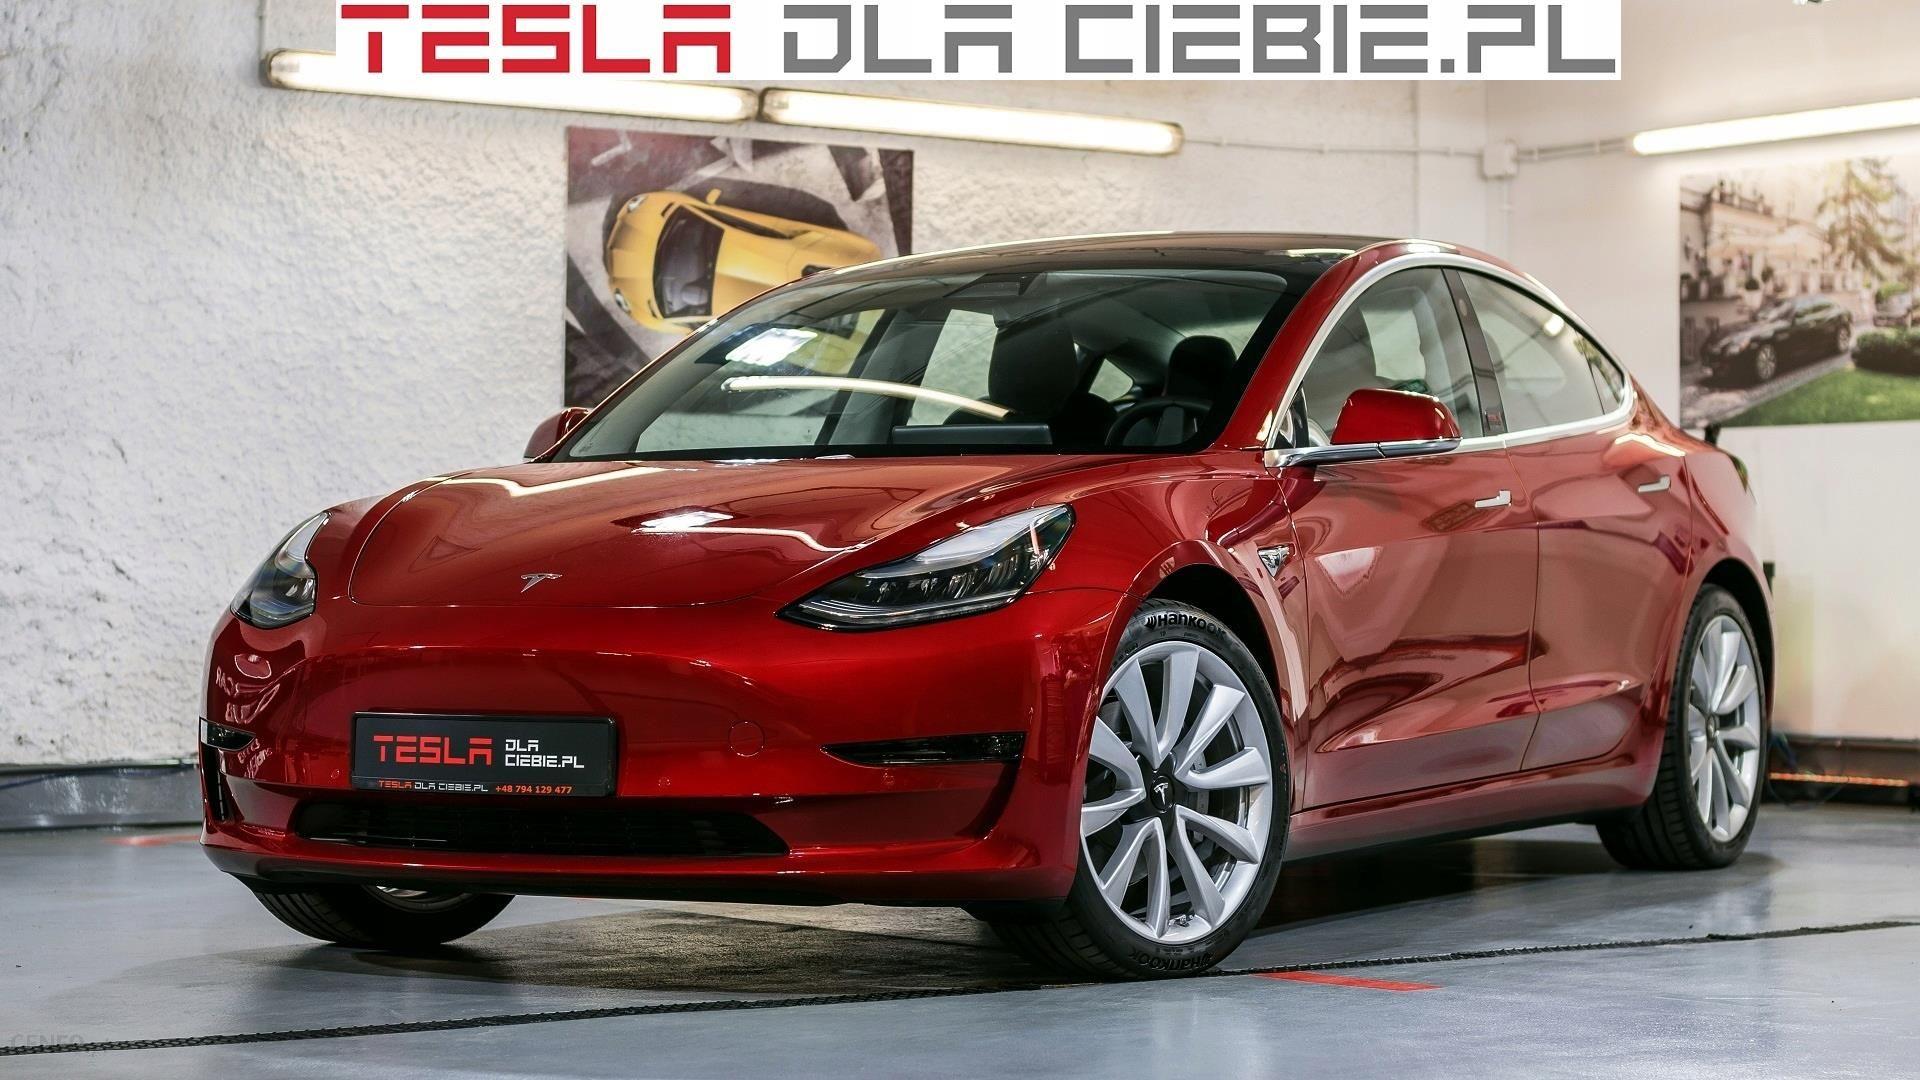 Tesla Model 3 Long Range Performance Wersja Eu Opinie I Ceny Na Ceneo Pl